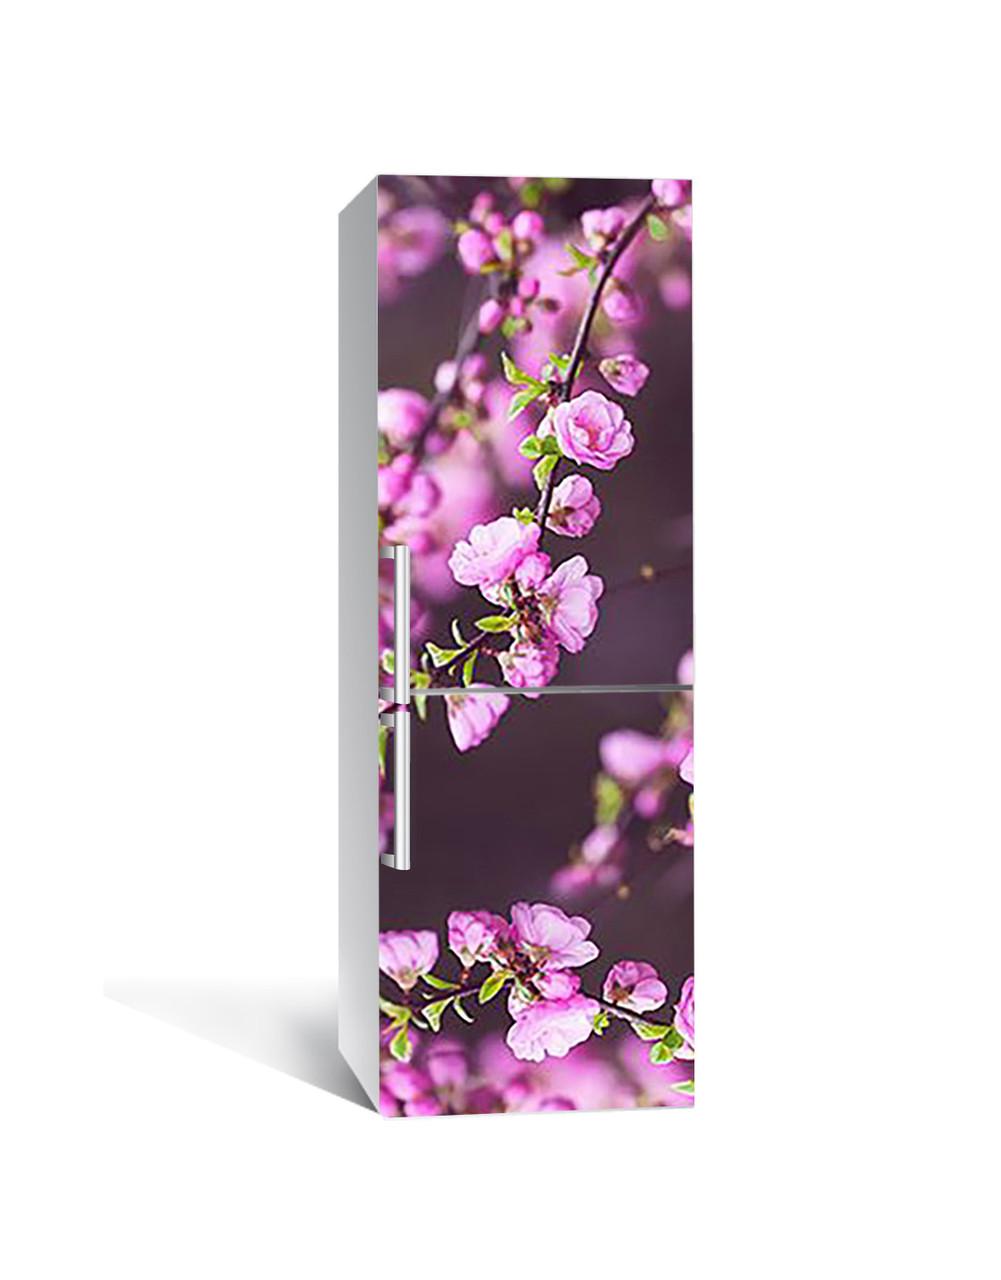 Виниловая 3Д наклейка на холодильник Цветущие ветки 3Д (ПВХ пленка самоклеющаяся) Цветы Розовый 650*2000 мм